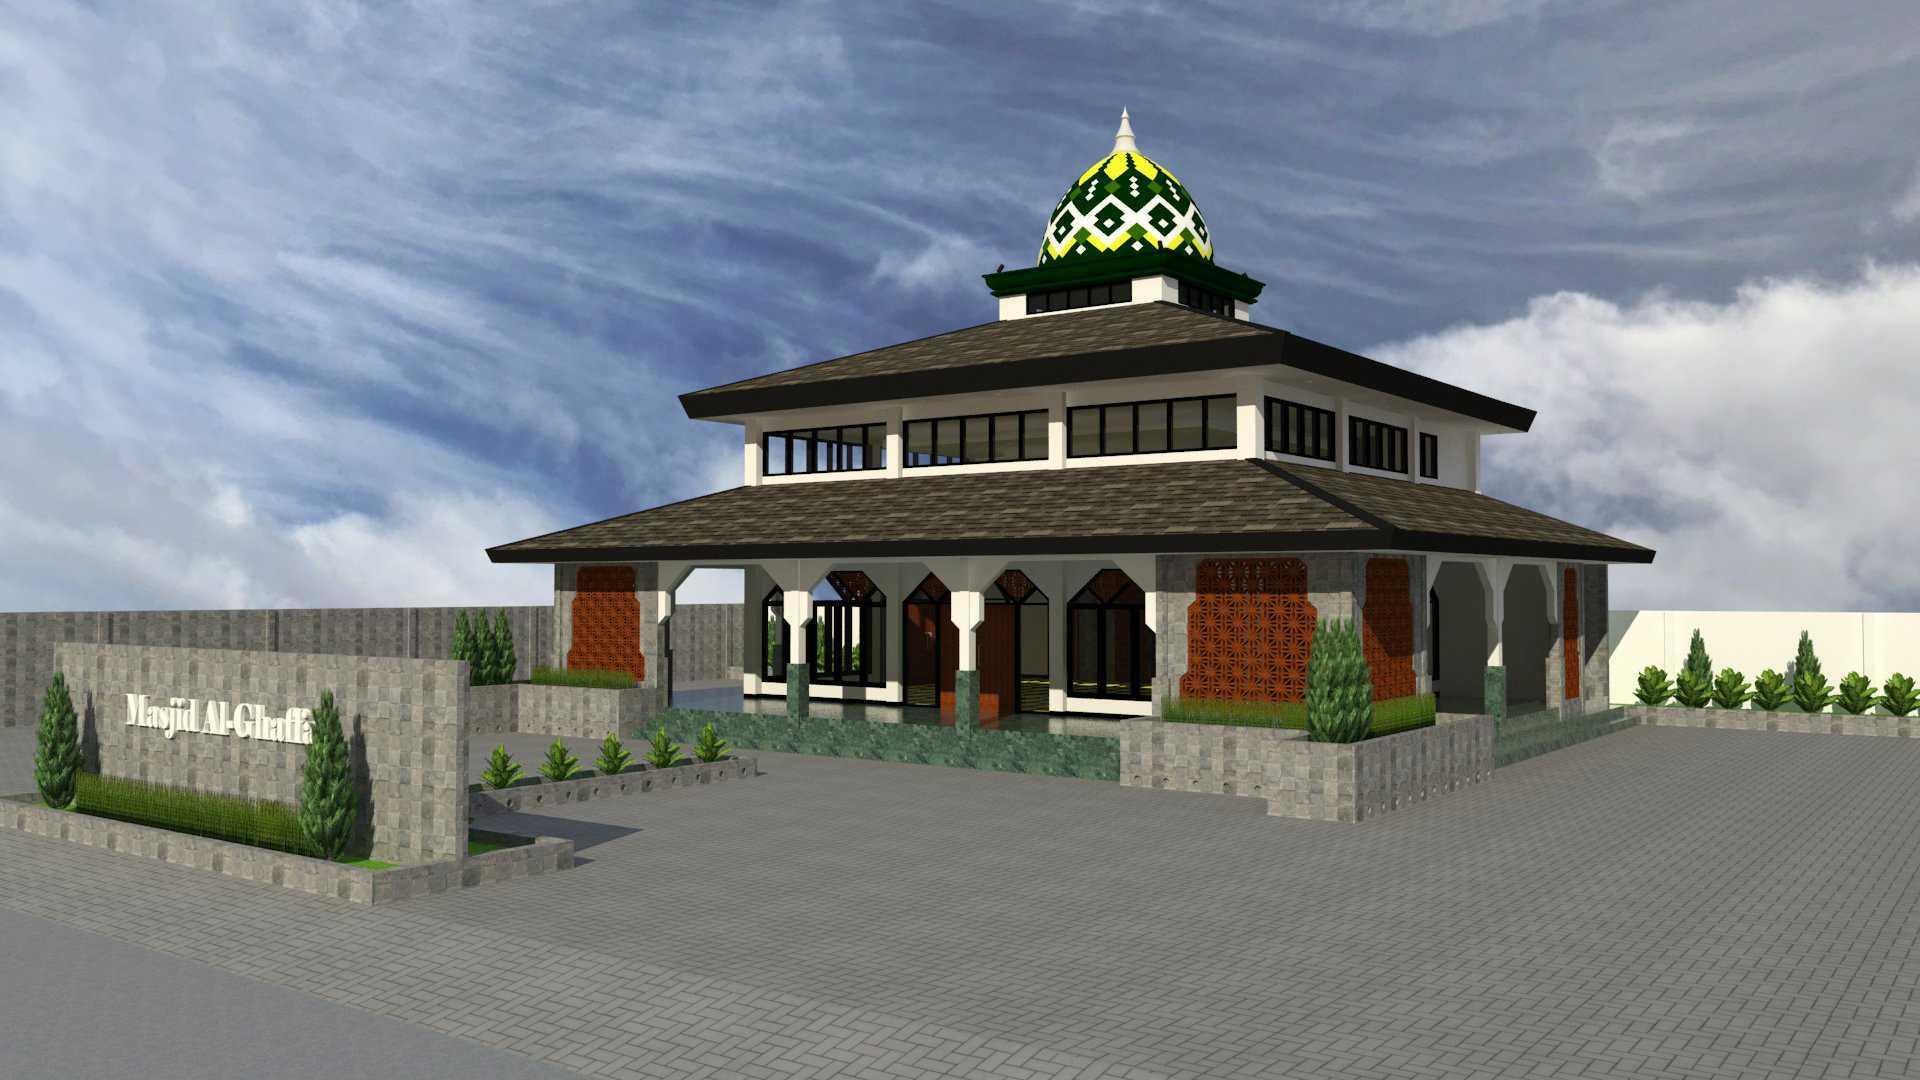 Ilham Gusti Syahadat Masjid Al-Ghaffar Malang, Kota Malang, Jawa Timur, Indonesia Malang, Kota Malang, Jawa Timur, Indonesia Exterior Masjid Al-Ghaffar Tropical Exterior Masjid Al-Ghaffar  Youtube : Https://youtu.be/cmfi7Vdd4Hi 74377